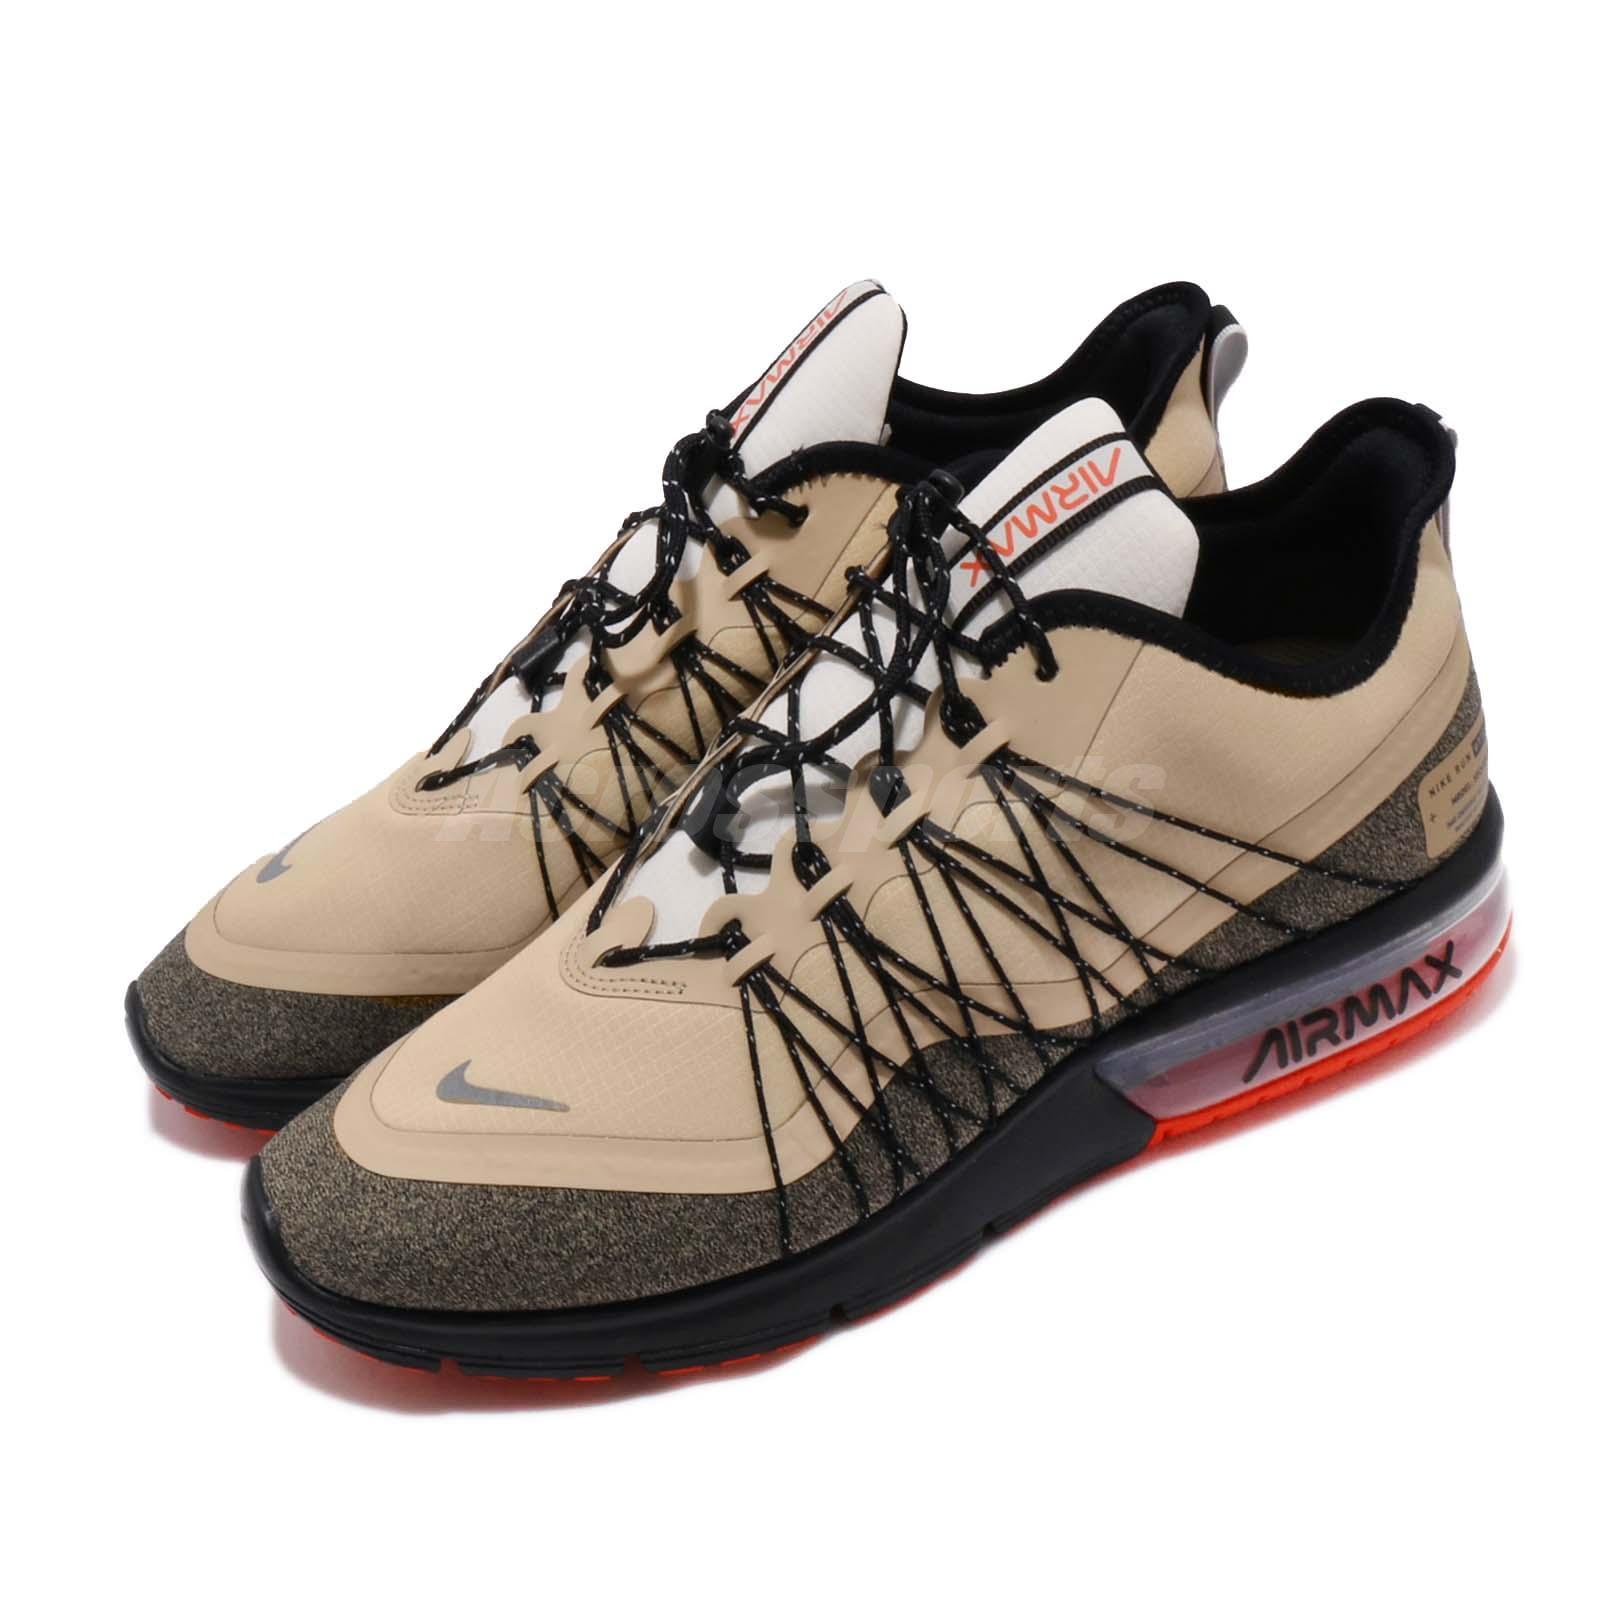 Nike Air Max Sequent 4 Utility Desert Ore Black Men Running Shoes AV3236 202